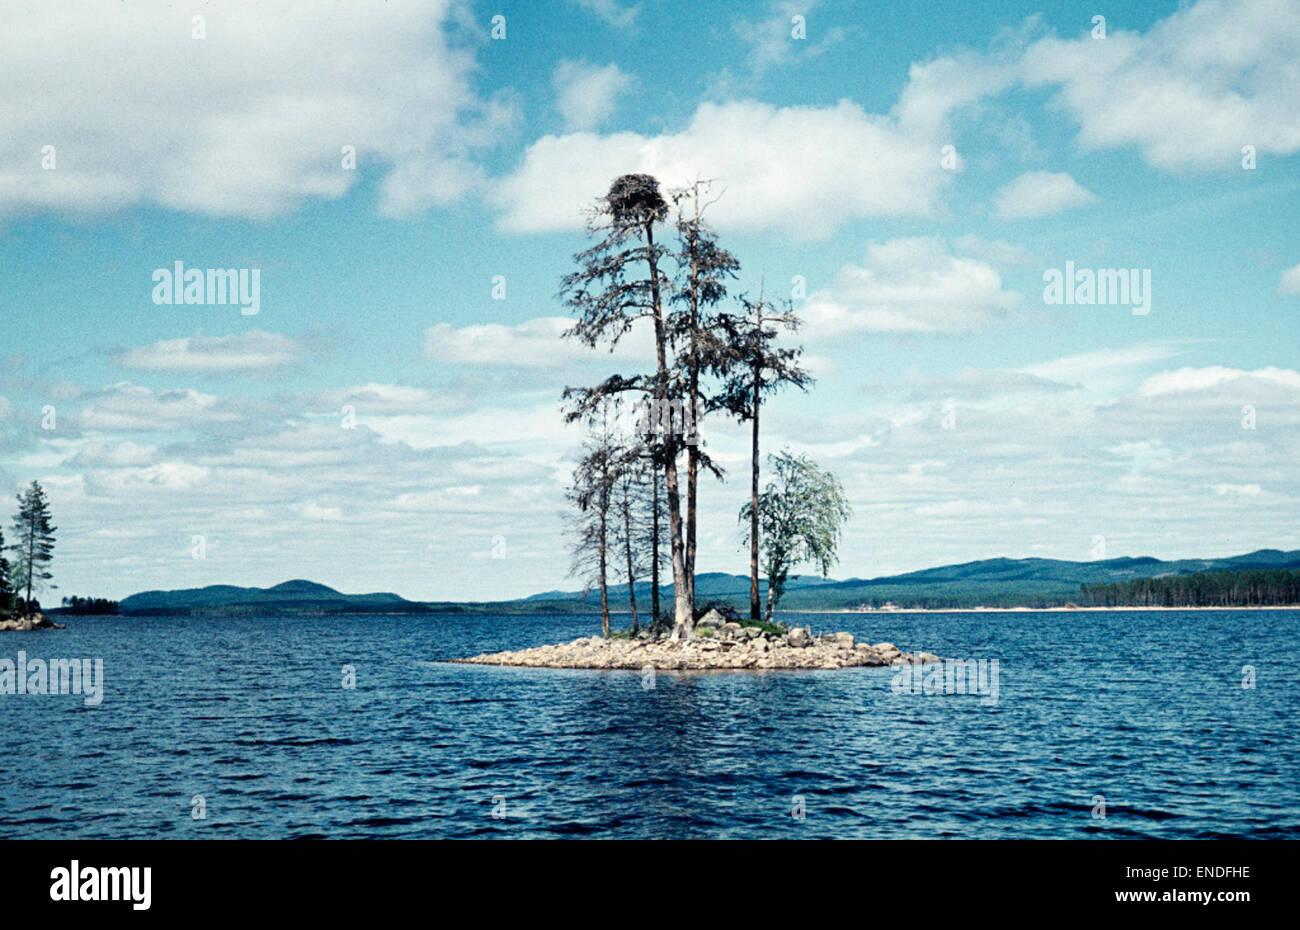 Lake Tisjön, Dalarna, Sweden - Stock Image